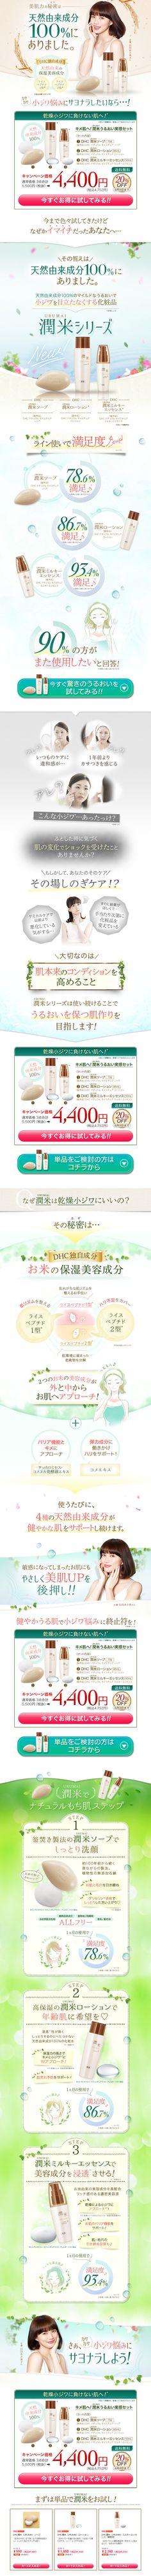 DHC潤米シリーズ|WEBデザイナーさん必見!ランディングページのデザイン参考に(キレイ系)